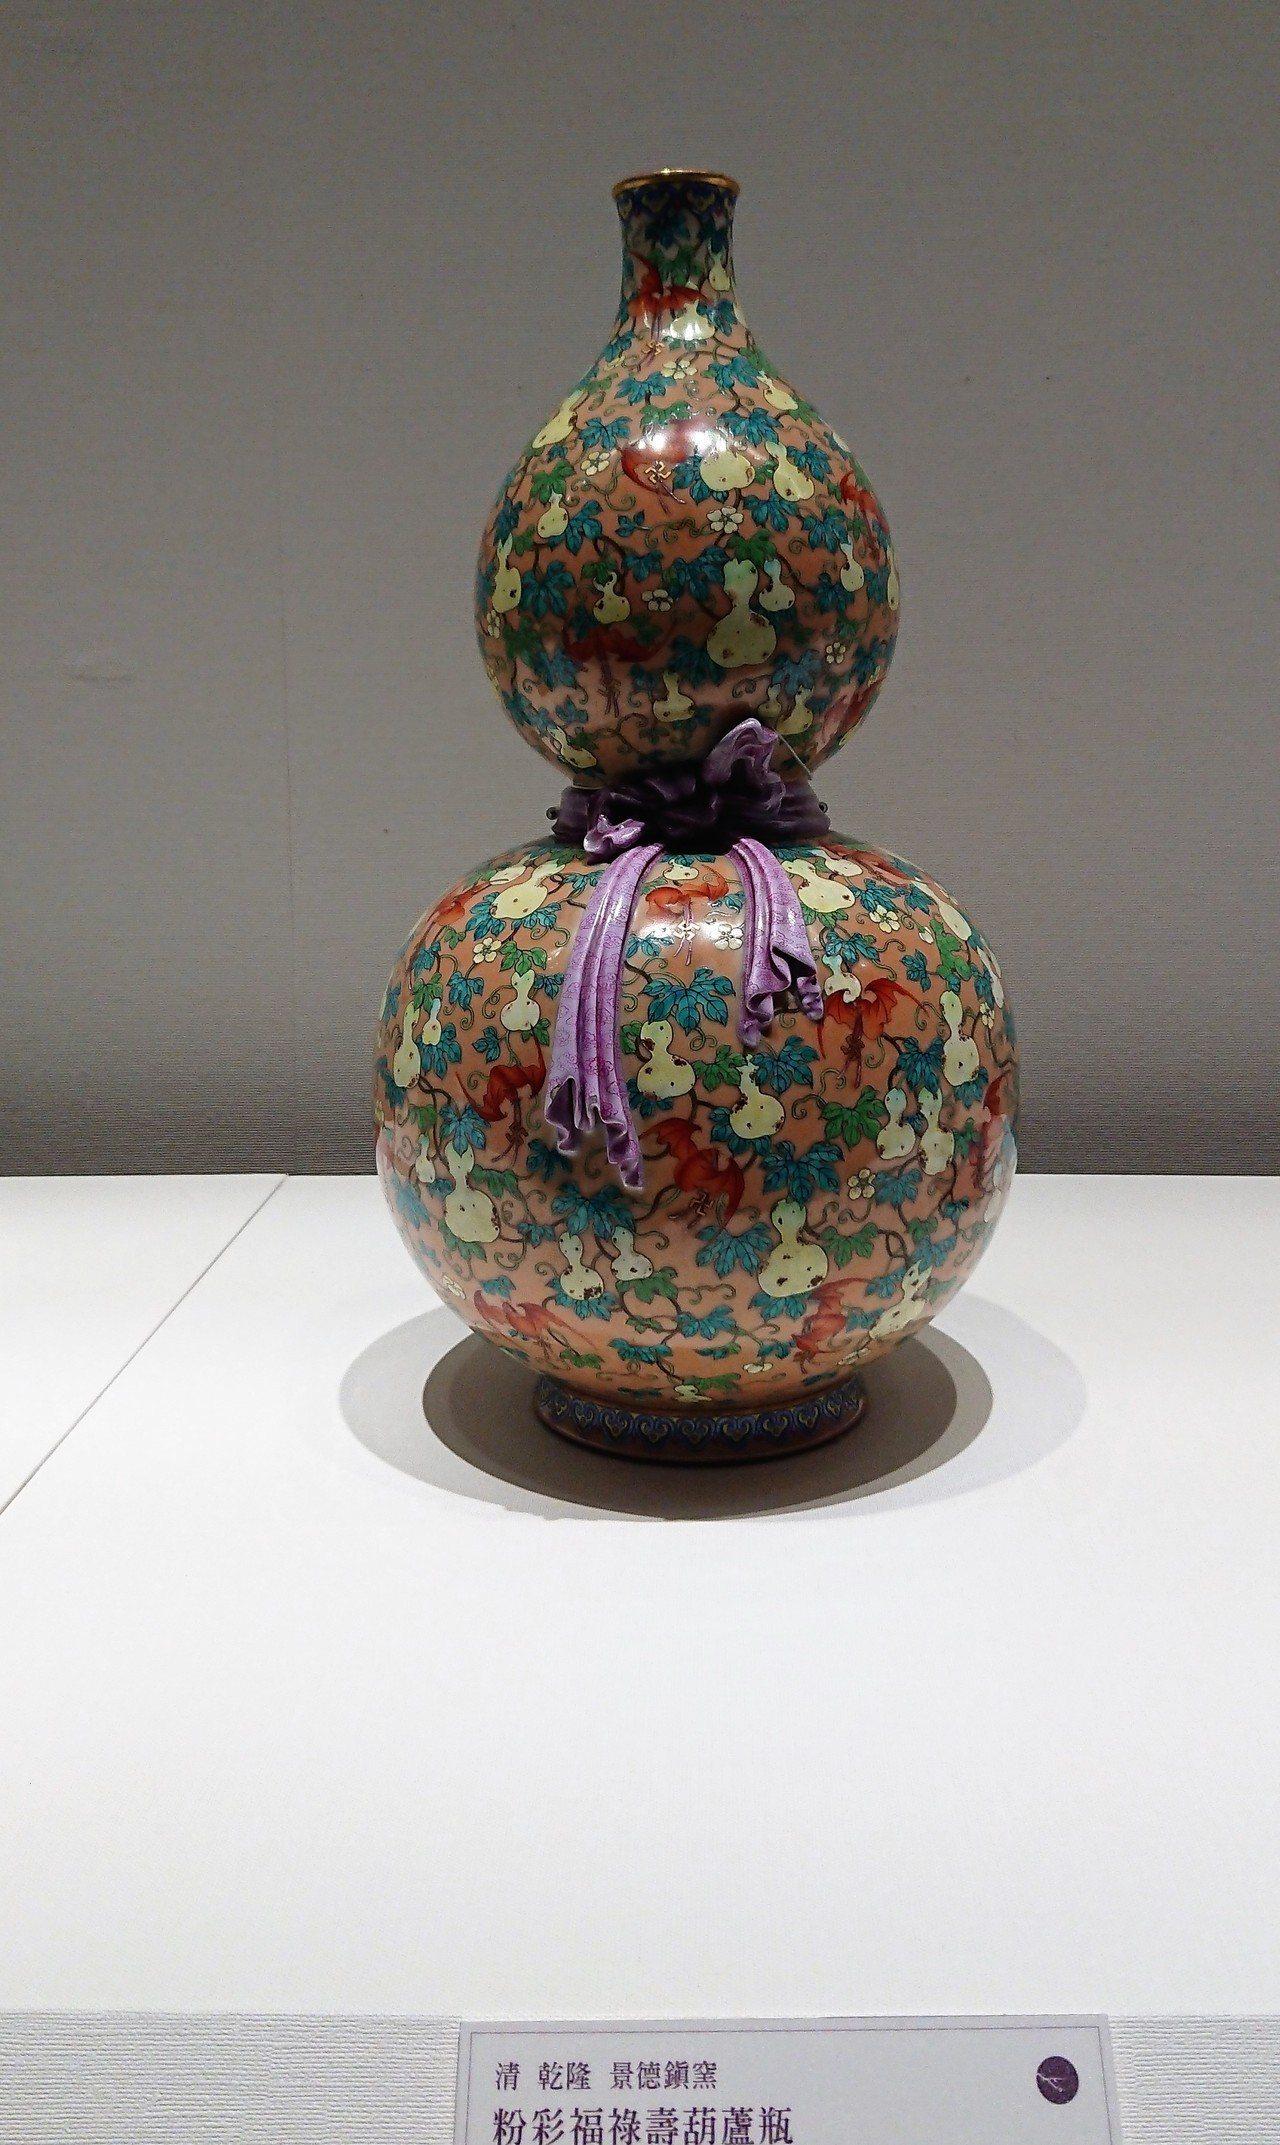 粉彩福祿壽葫蘆瓶。記者卜敏正/攝影